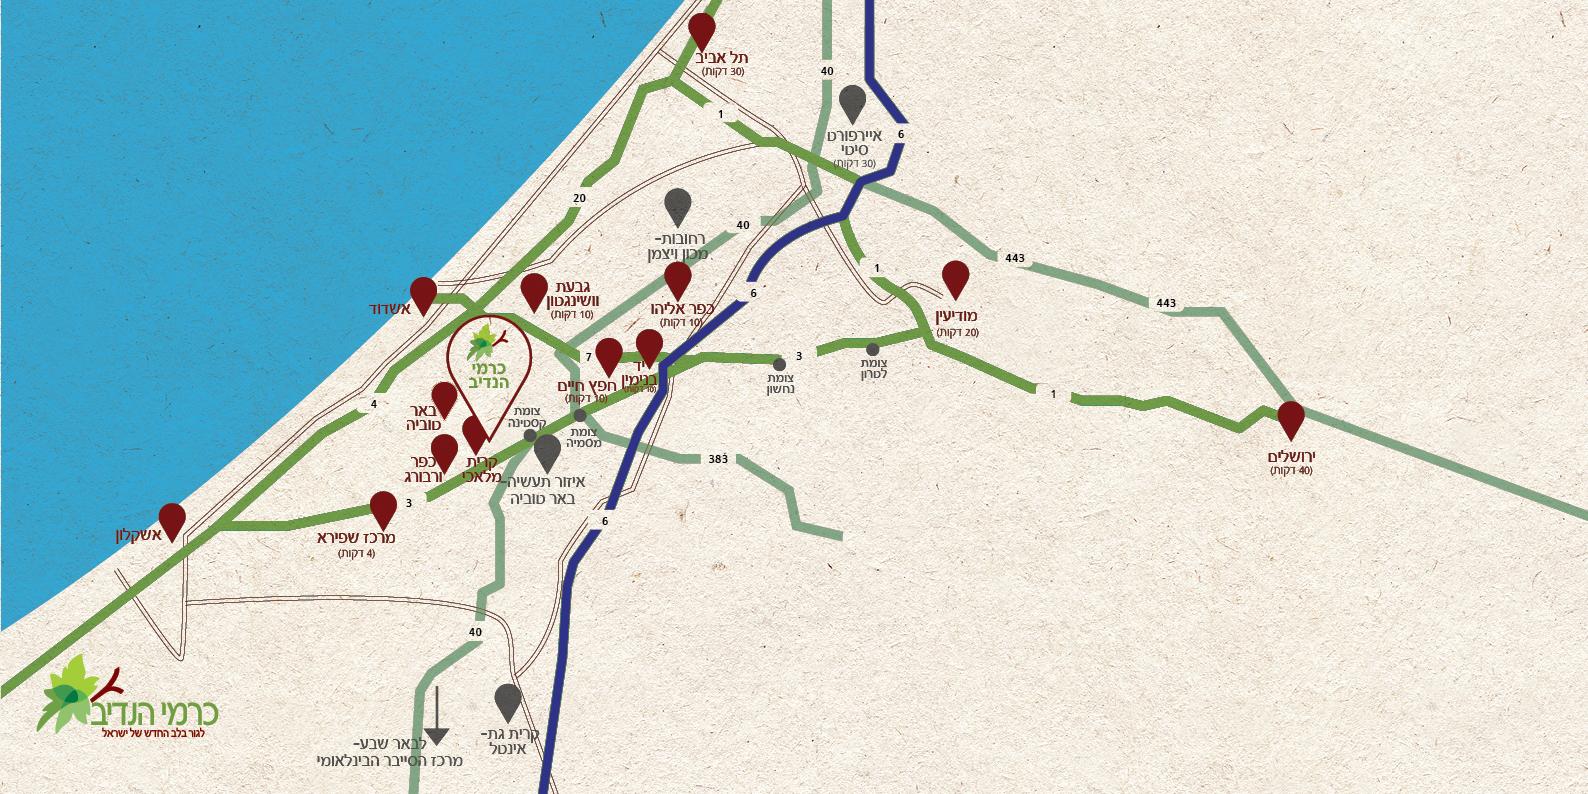 תחבורה מהירה לכל הערים המרכזיות בישראל | צילום מותג בפרסום